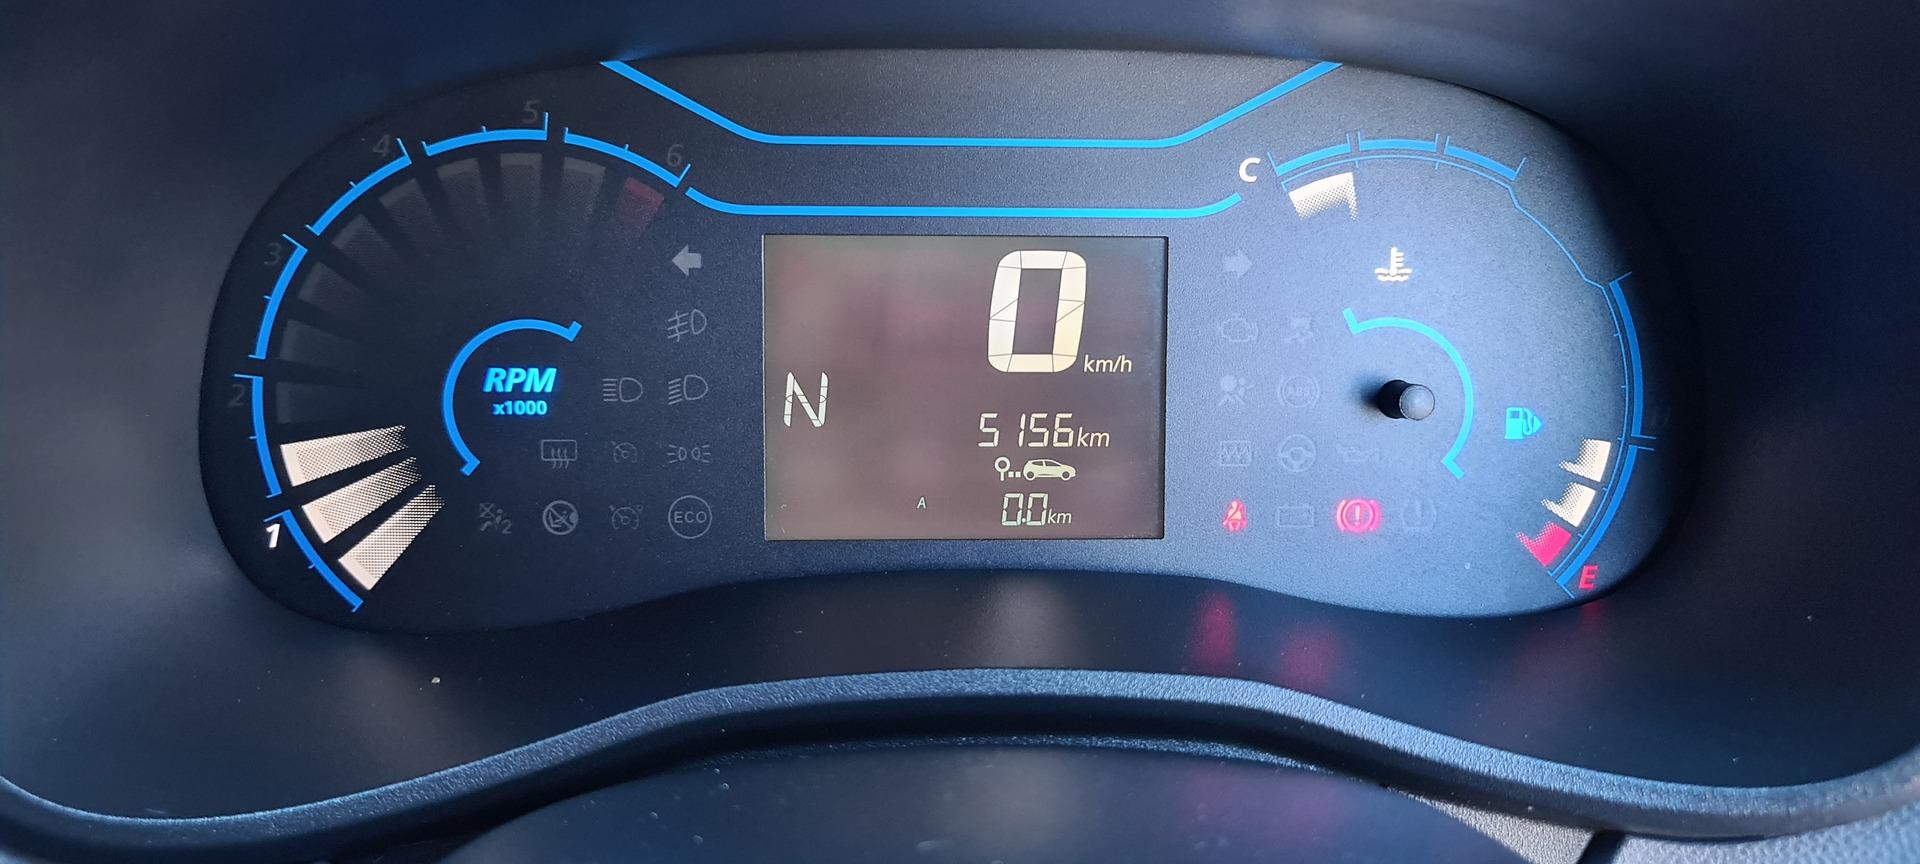 RENAULT 1.0 DYNAMIQUE 5DR AMT Cape Town 7322459